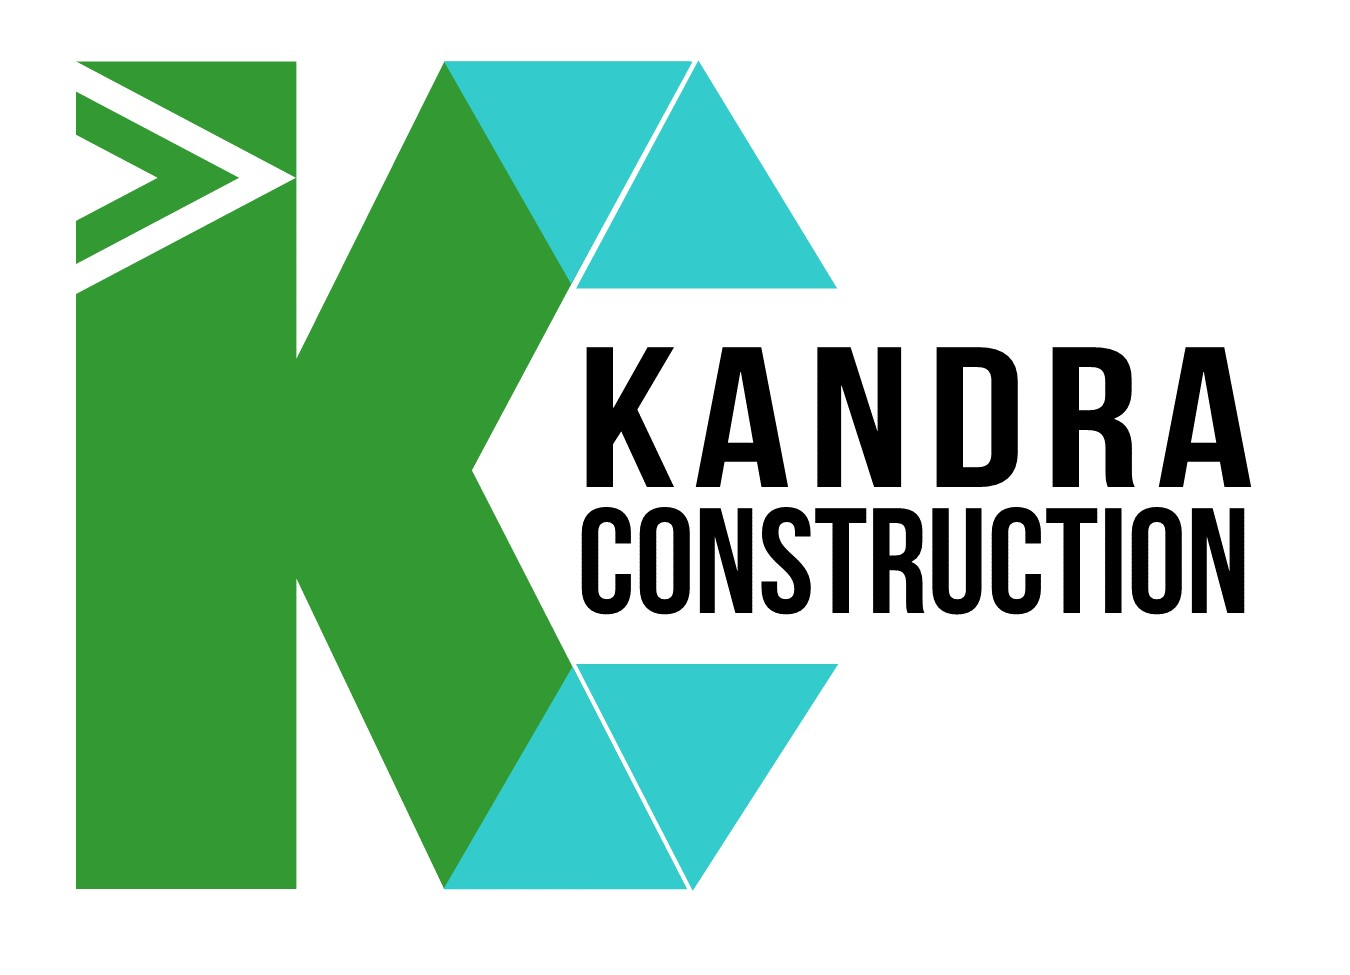 Kandra Construction Announces Womens Business Enterprise Wbe